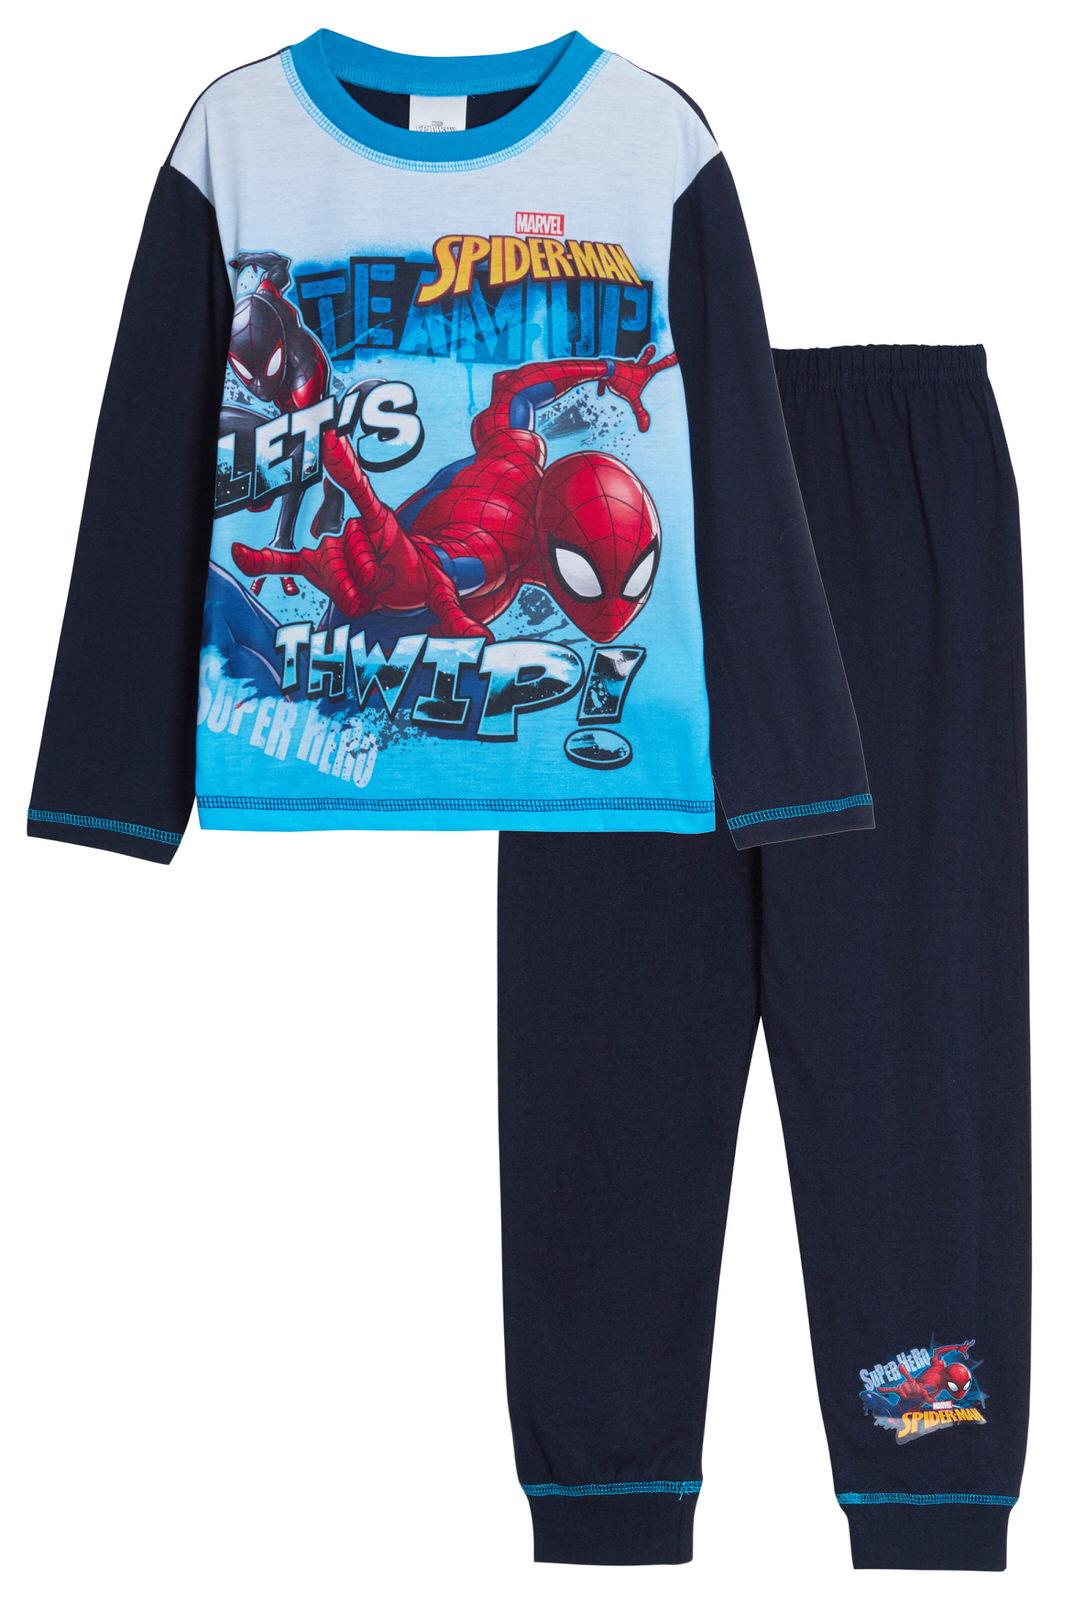 Avengers Boys Long Pyjamas Marvel Super Hero Kids Full Length PJs Blue Grey